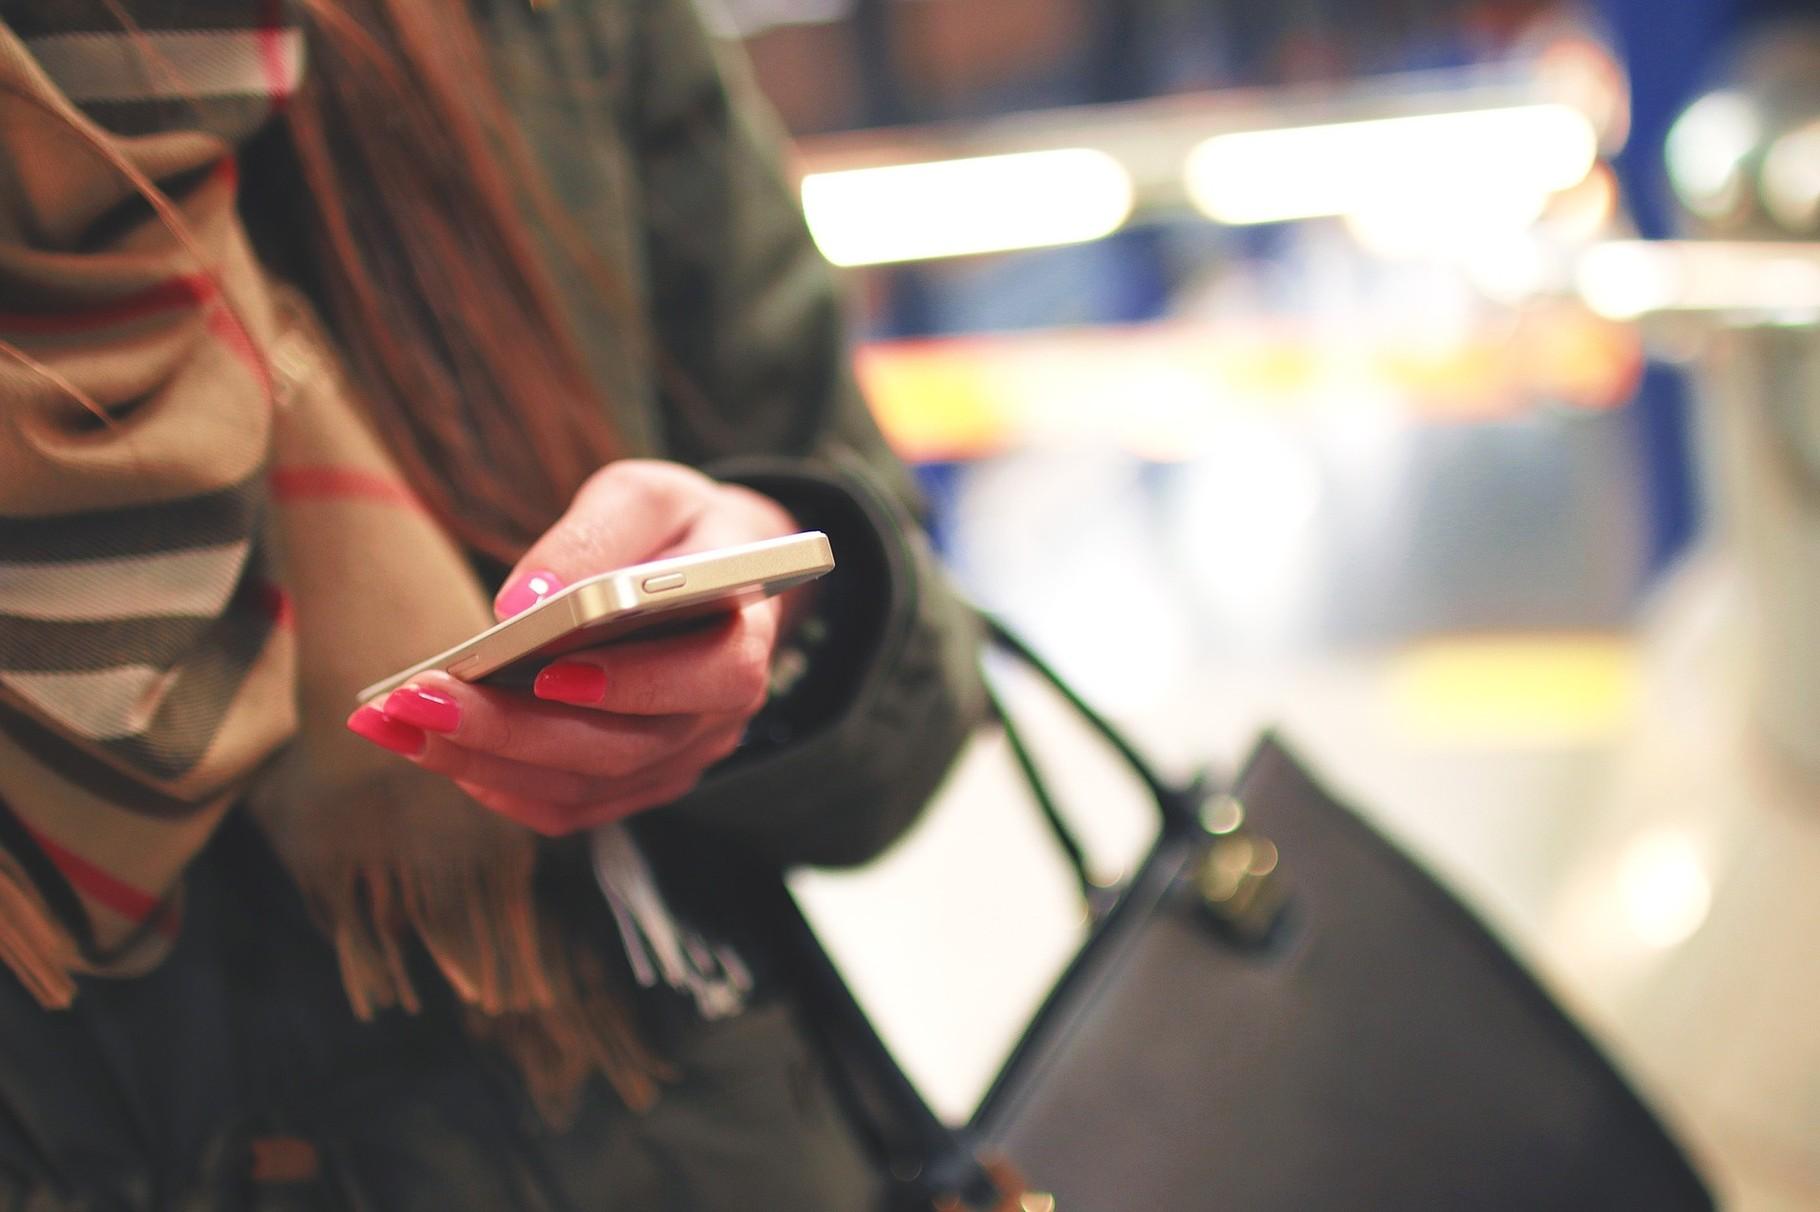 1. Das Smartphone ist wohl einer der größten Zeitfresser überhaupt. Einer Studie von tecmark zur Folge (http://www.tecmark.co.uk/smartphone-usage-data-uk-2014/) nehmen wir unser Smartphone jeden einzelnen Tag 221 mal in die Hand !